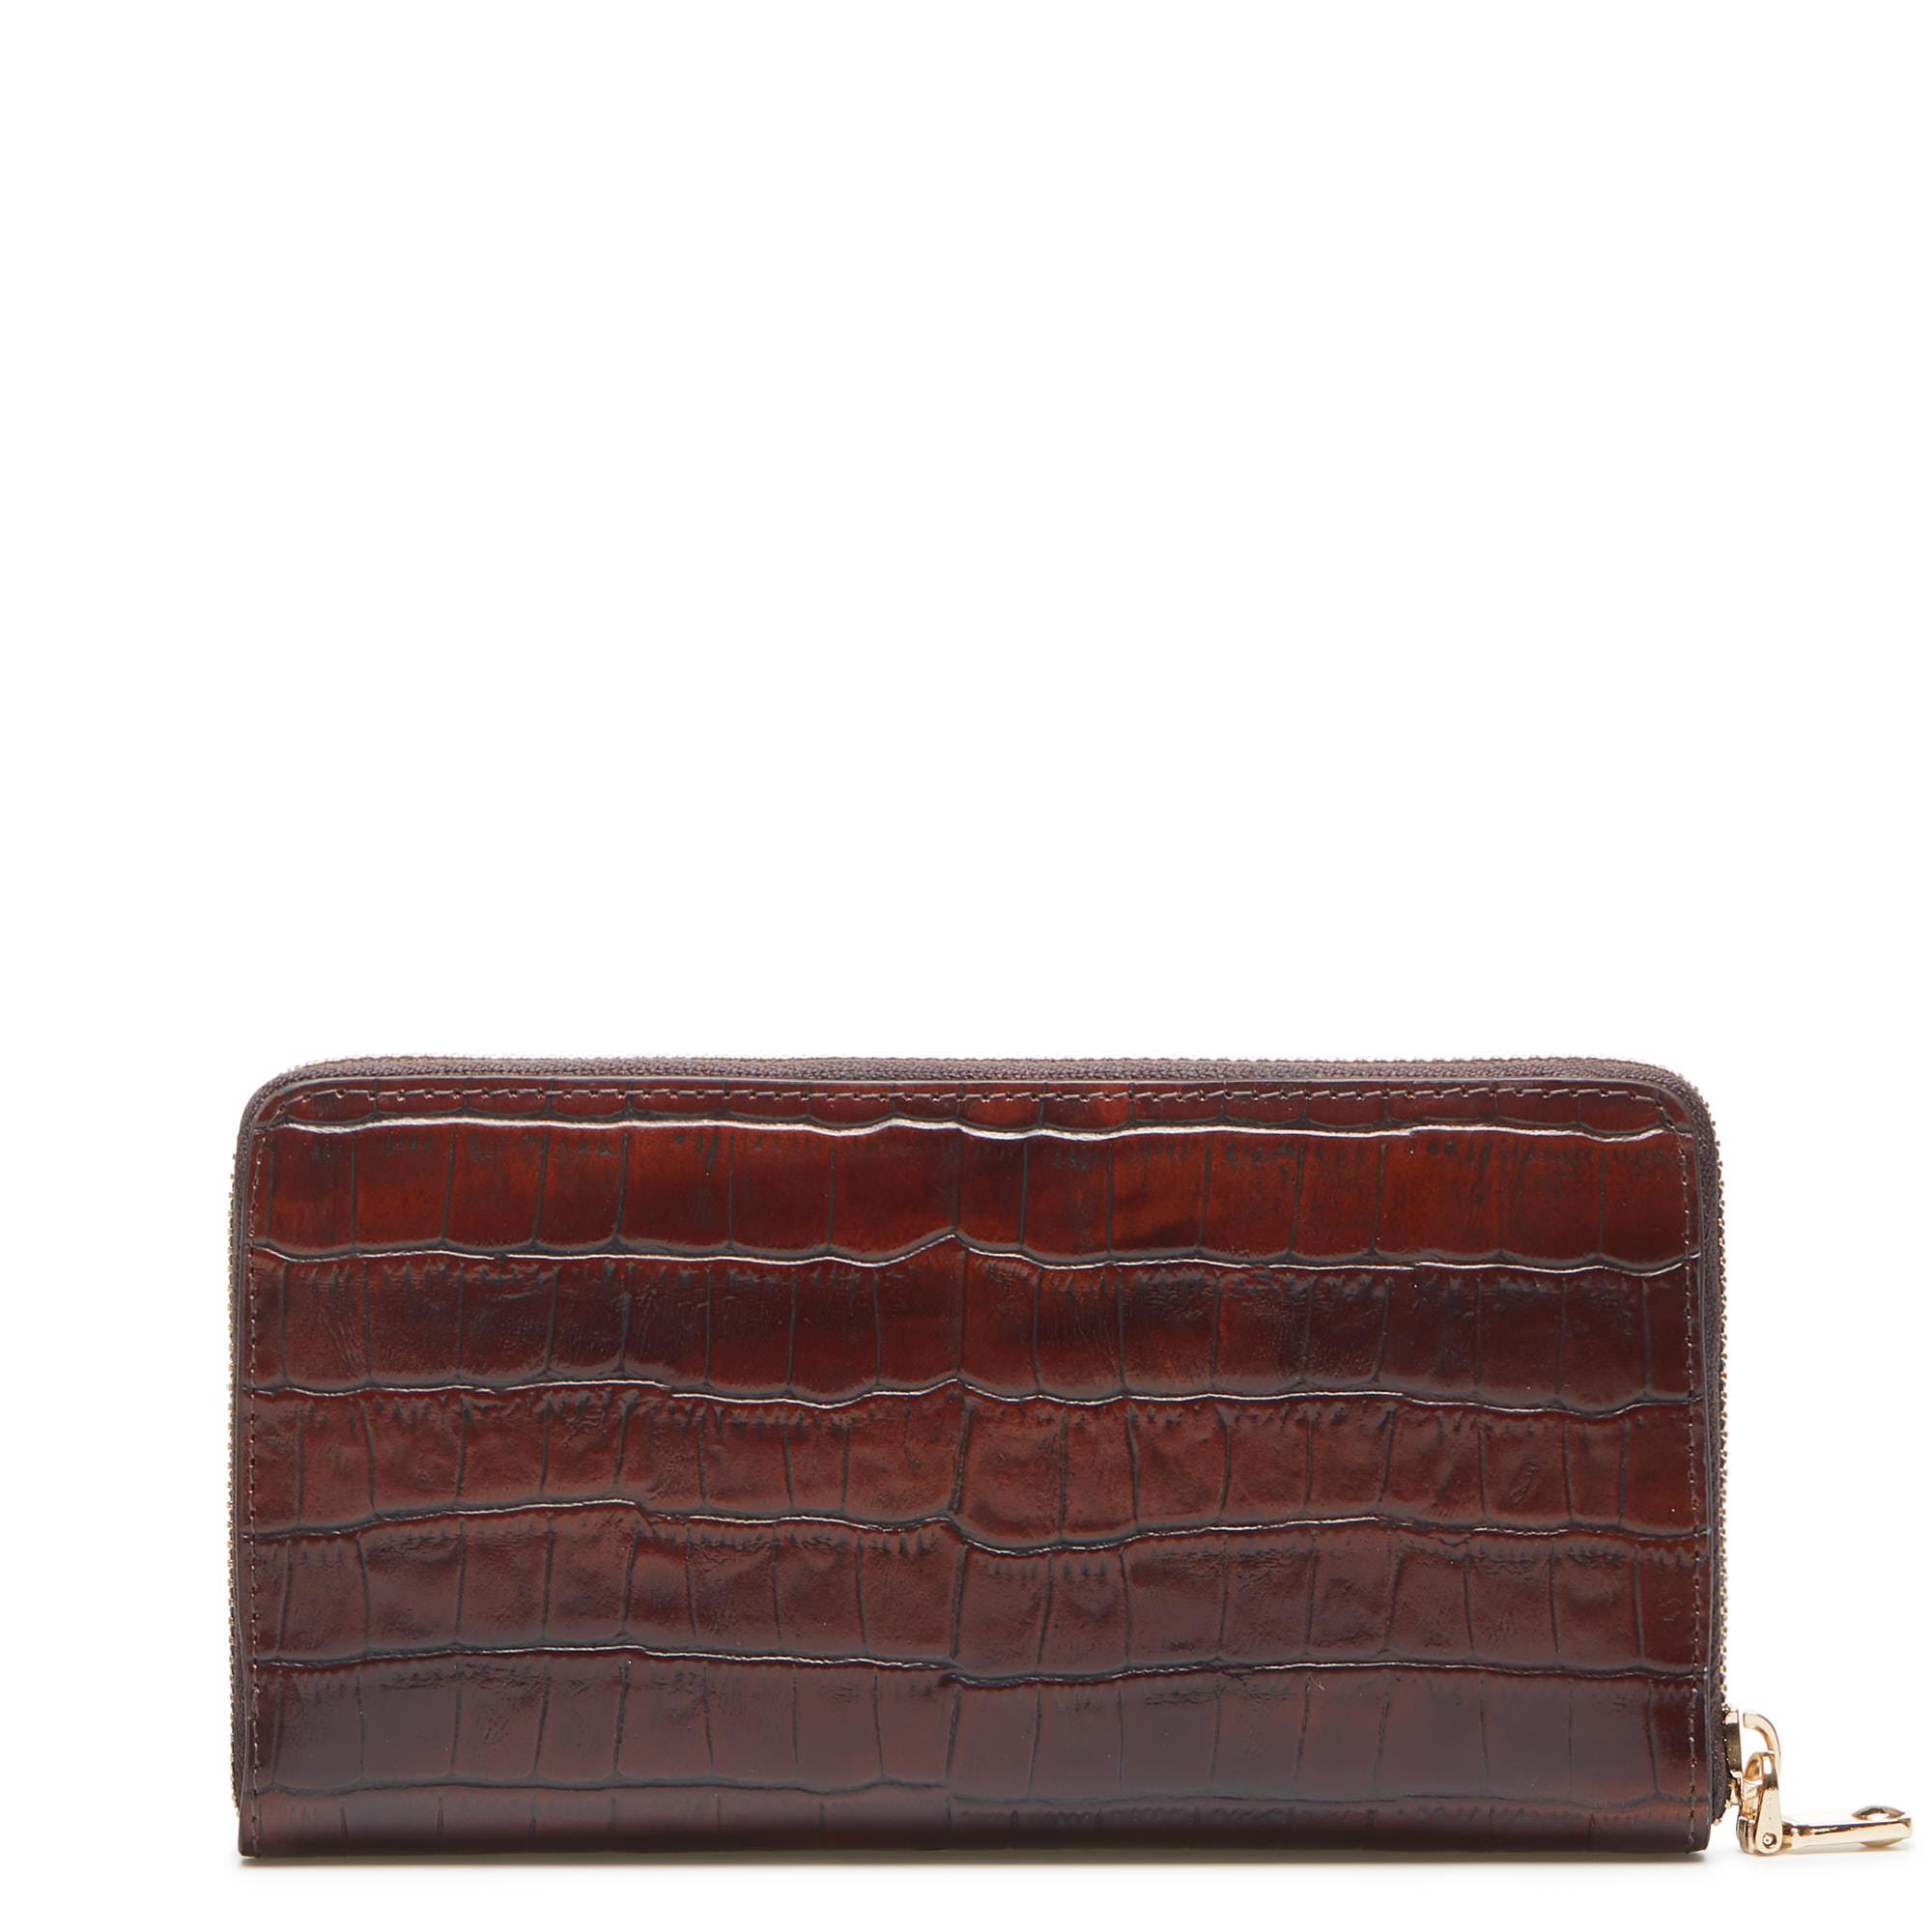 Isabel Bernard Honoré Léa croco brun läder plånbok med dragkedja av kalvskinn